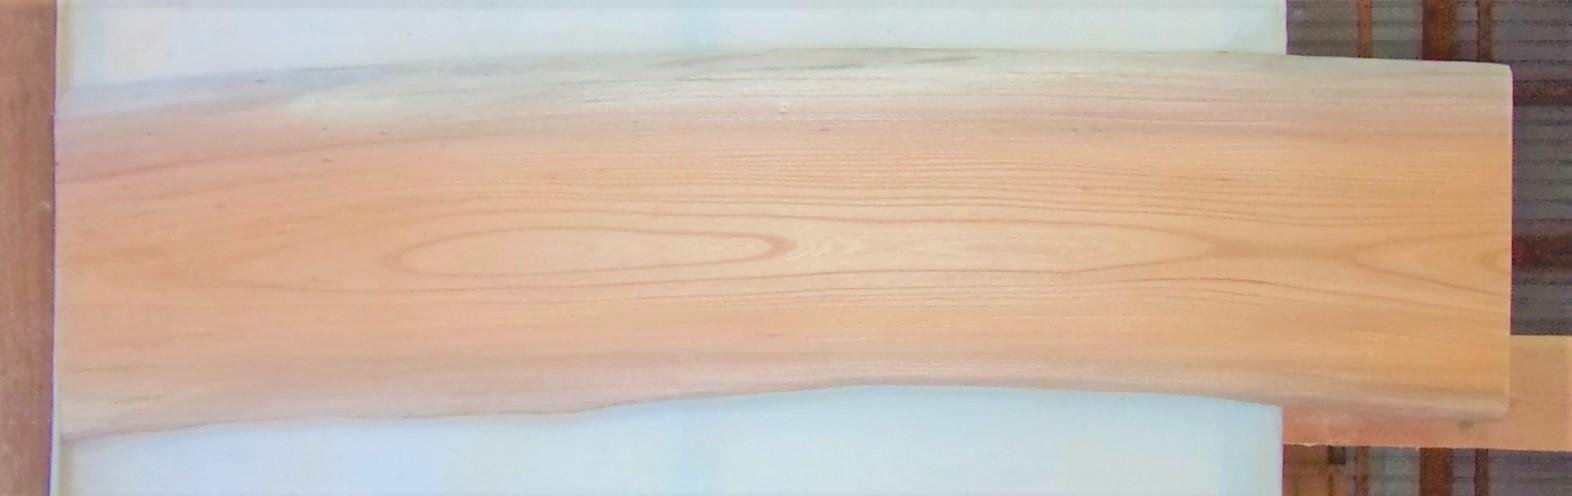 【送料・手数料無料!】 山成林業 大型無垢一枚板 KB-623 ケヤキ 大型看板に最適